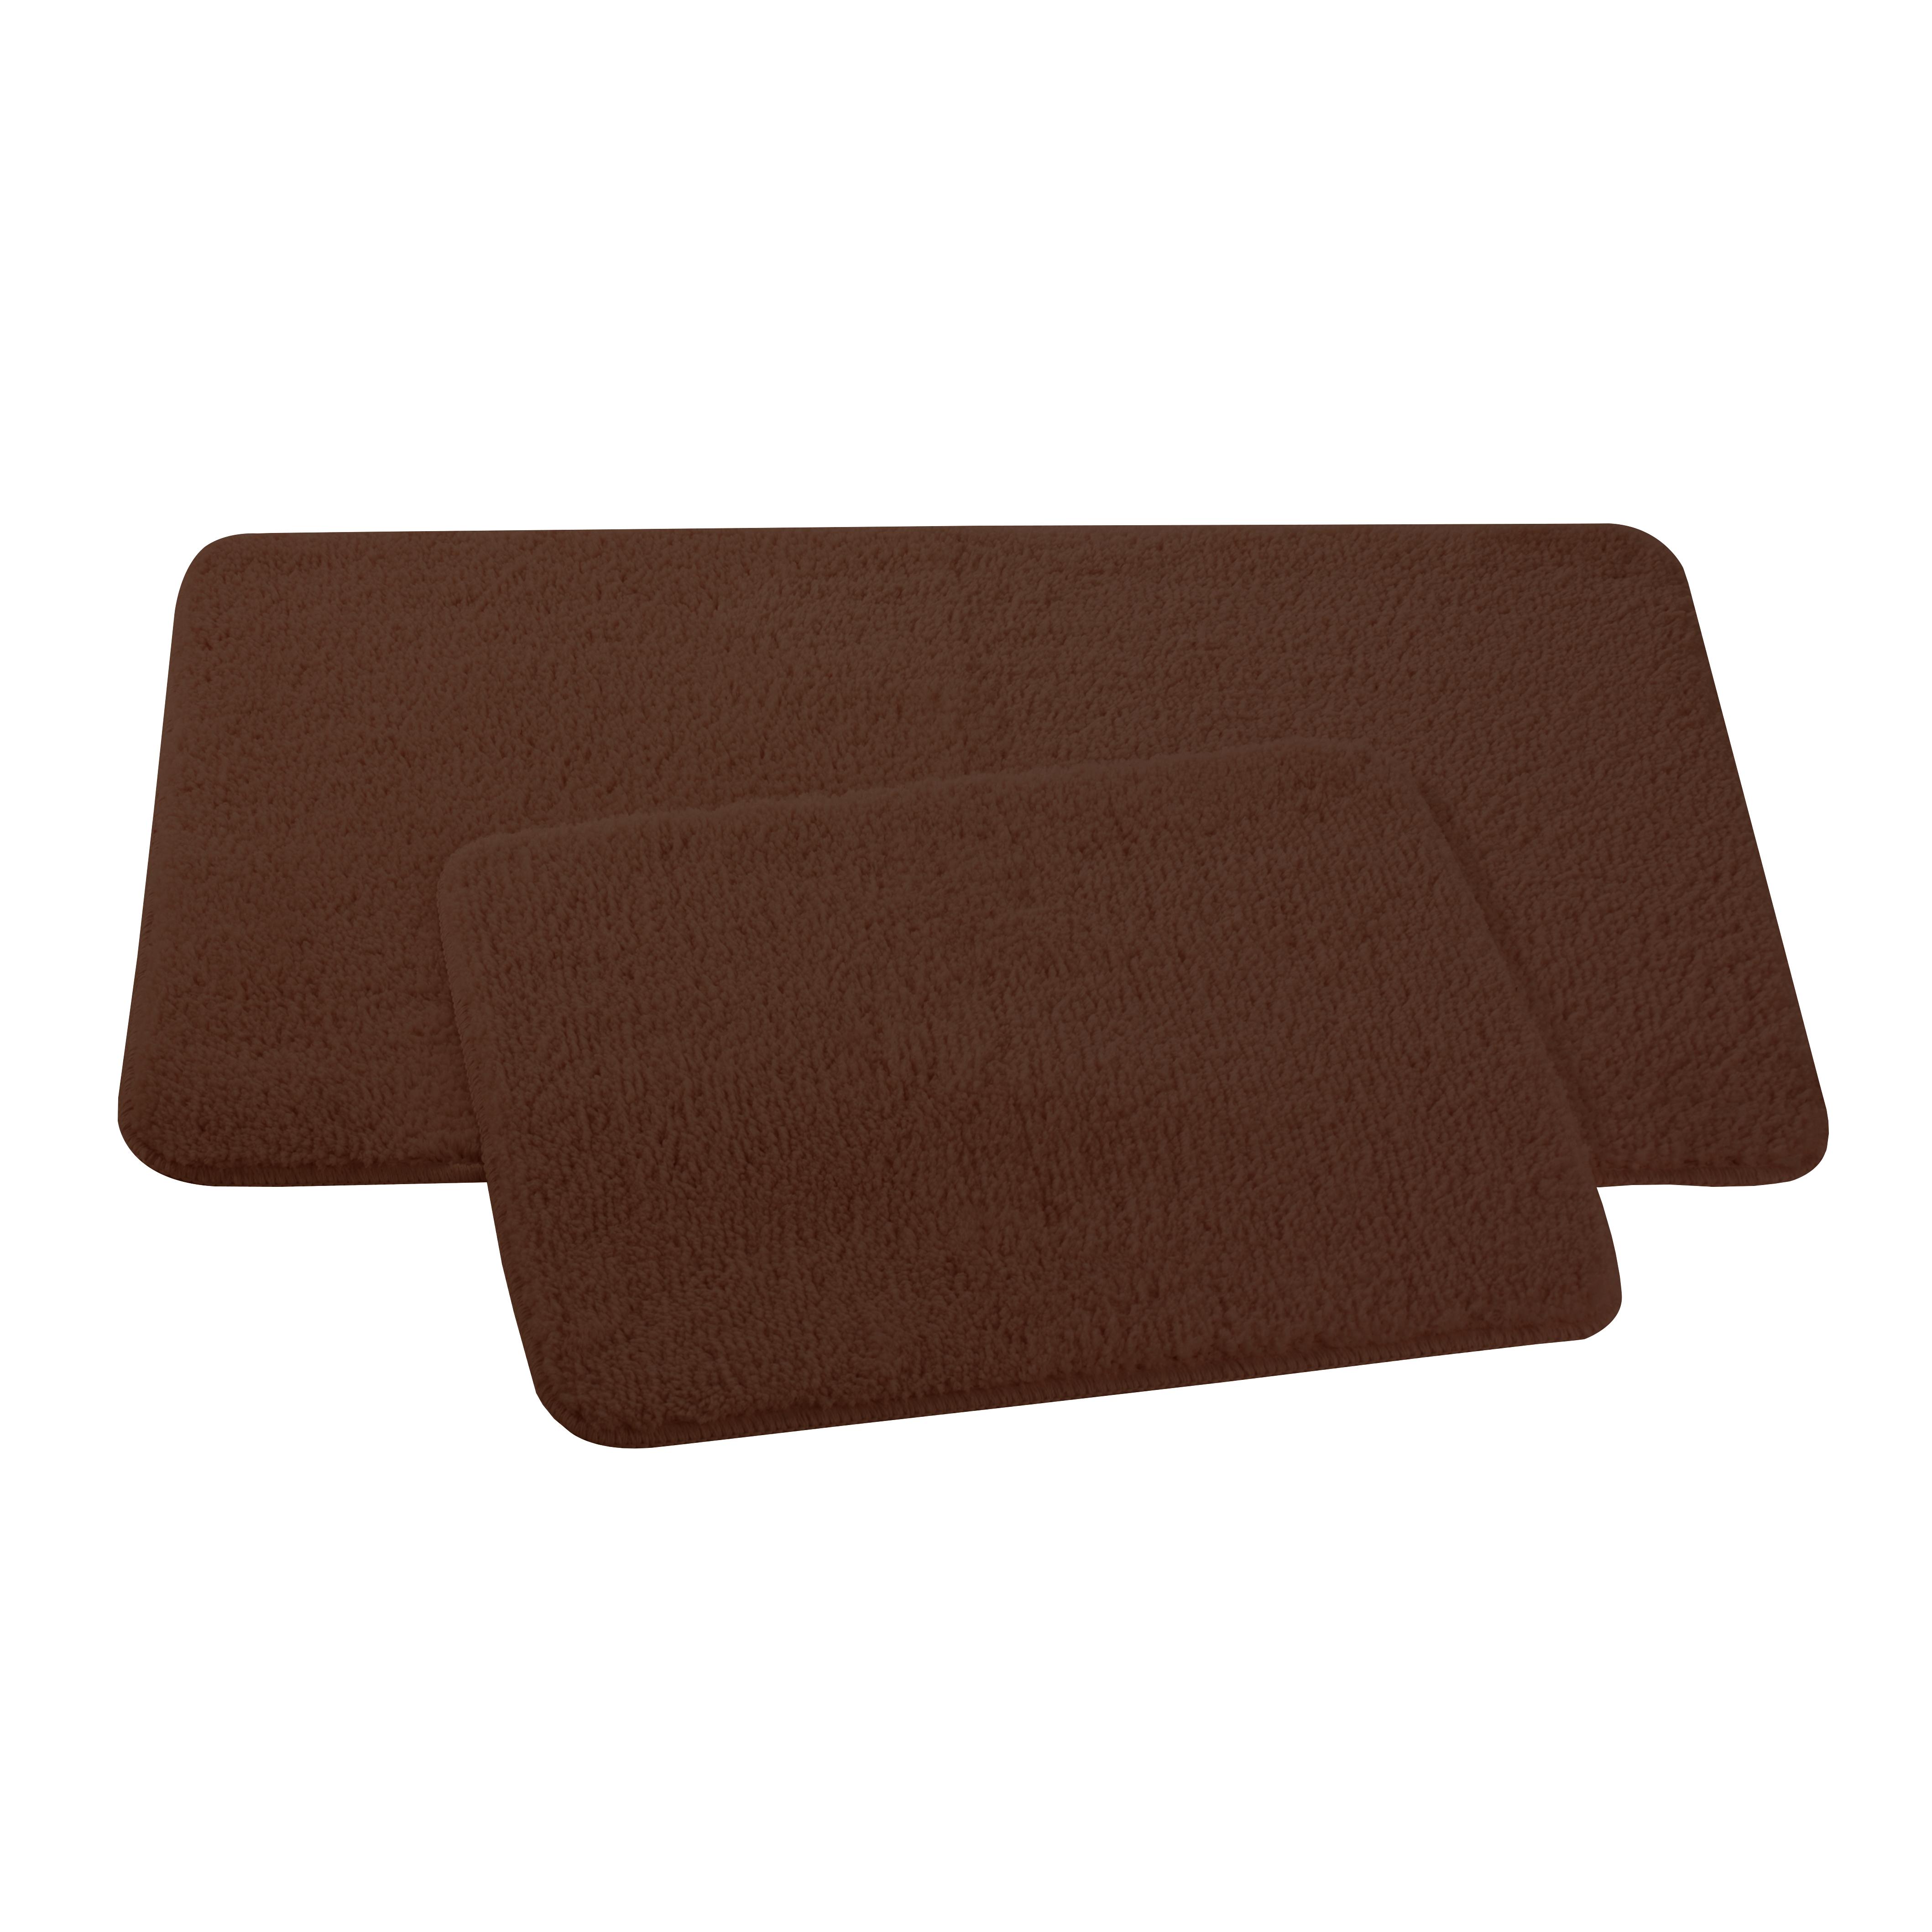 Набор ковриков для ванной и туалета Axentia, цвет: коричневый, 2 шт116135Набор Axentia, выполненный из микрофибры (100% полиэстер), состоит из двух стеганых ковриков для ванной комнаты и туалета. Противоскользящее основание изготовлено из термопластичной резины и подходит для полов с подогревом. Коврики мягкие и приятные на ощупь, отлично впитывают влагу и быстро сохнут. Высокая износостойкость ковриков и стойкость цвета позволит вам наслаждаться покупкой долгие годы. Можно стирать в стиральной машине. Размер ковриков: 50 х 80 см; 50 х 40 см. Высота ворса 1,5 см.